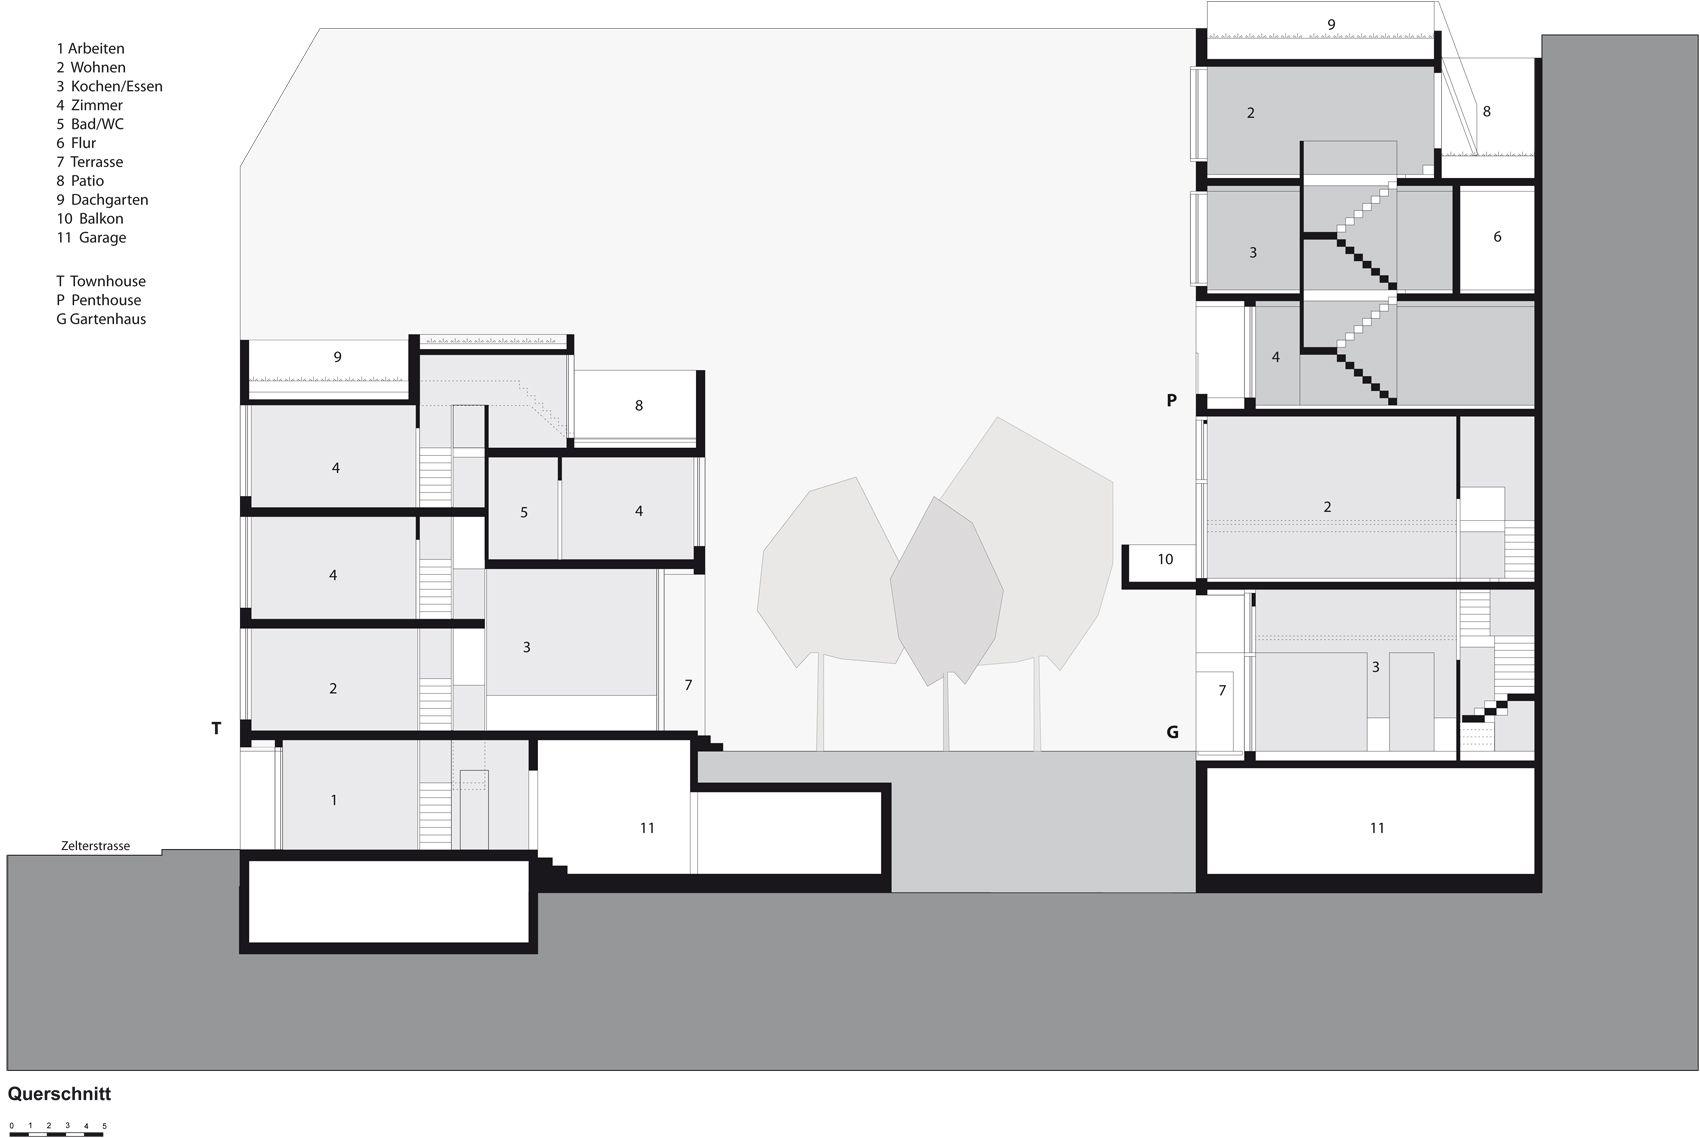 Zanderroth berlin schnitt ze05 80m wohnen pinterest for Entwurf architektur